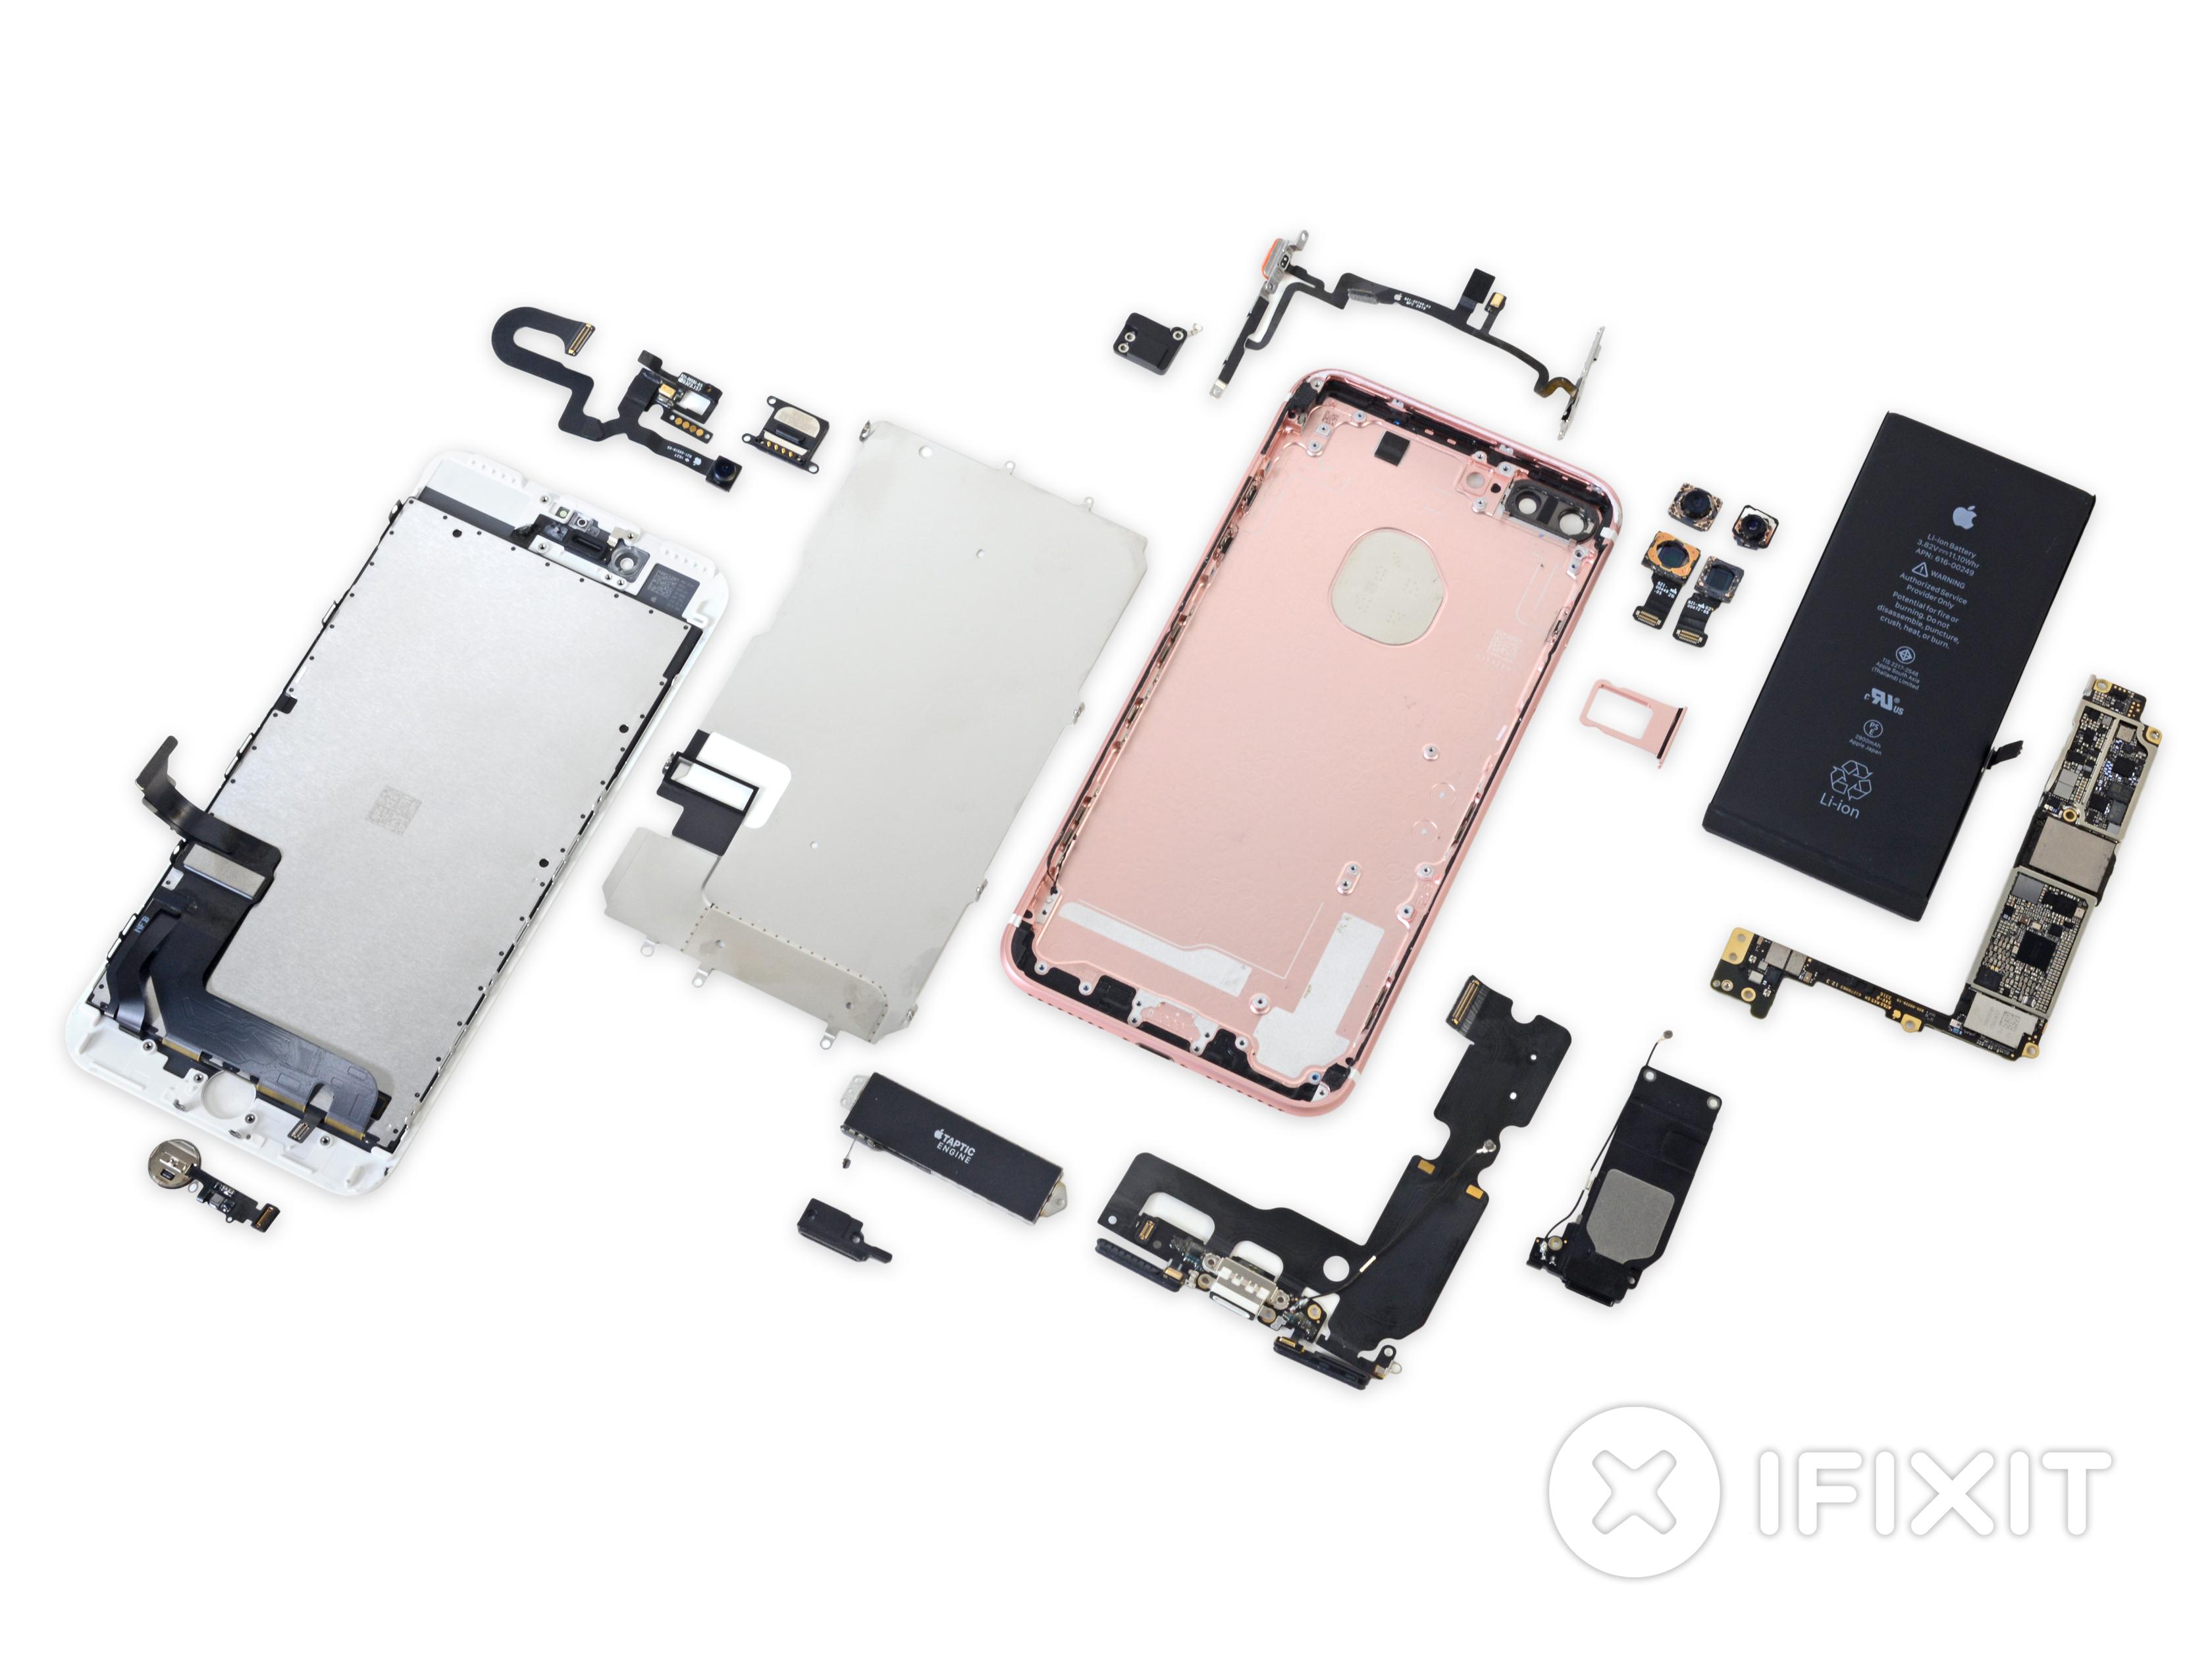 Ifixit Iphone 7